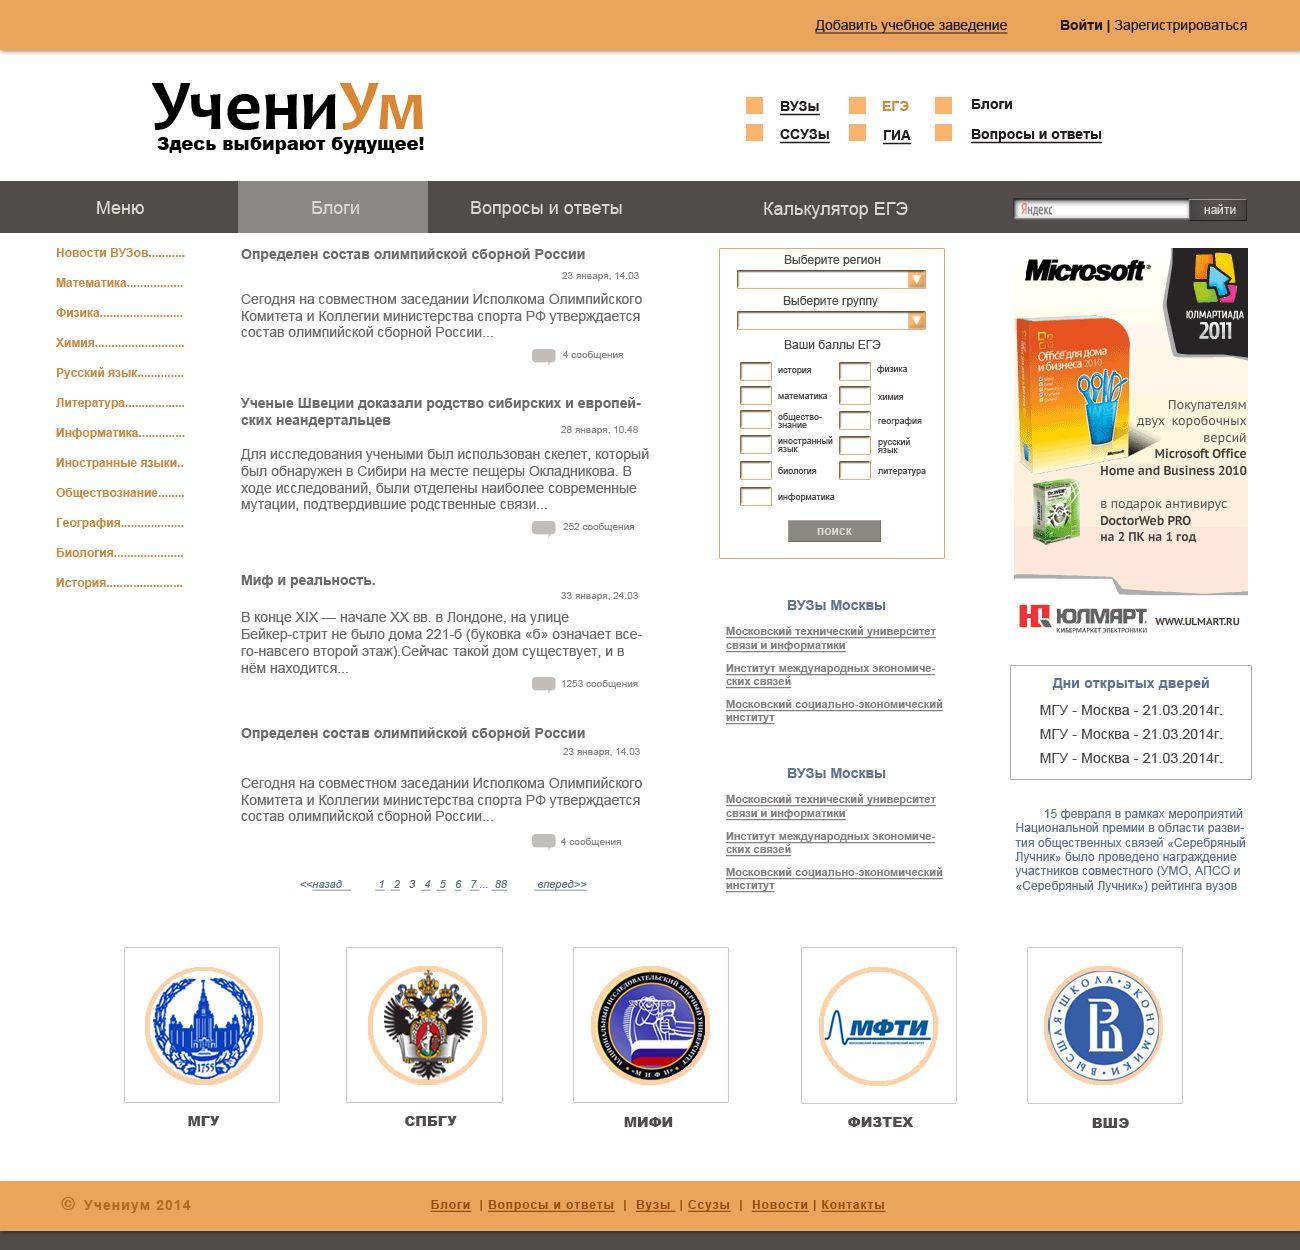 Дизайн для информационного сайта - дизайнер rimma1975